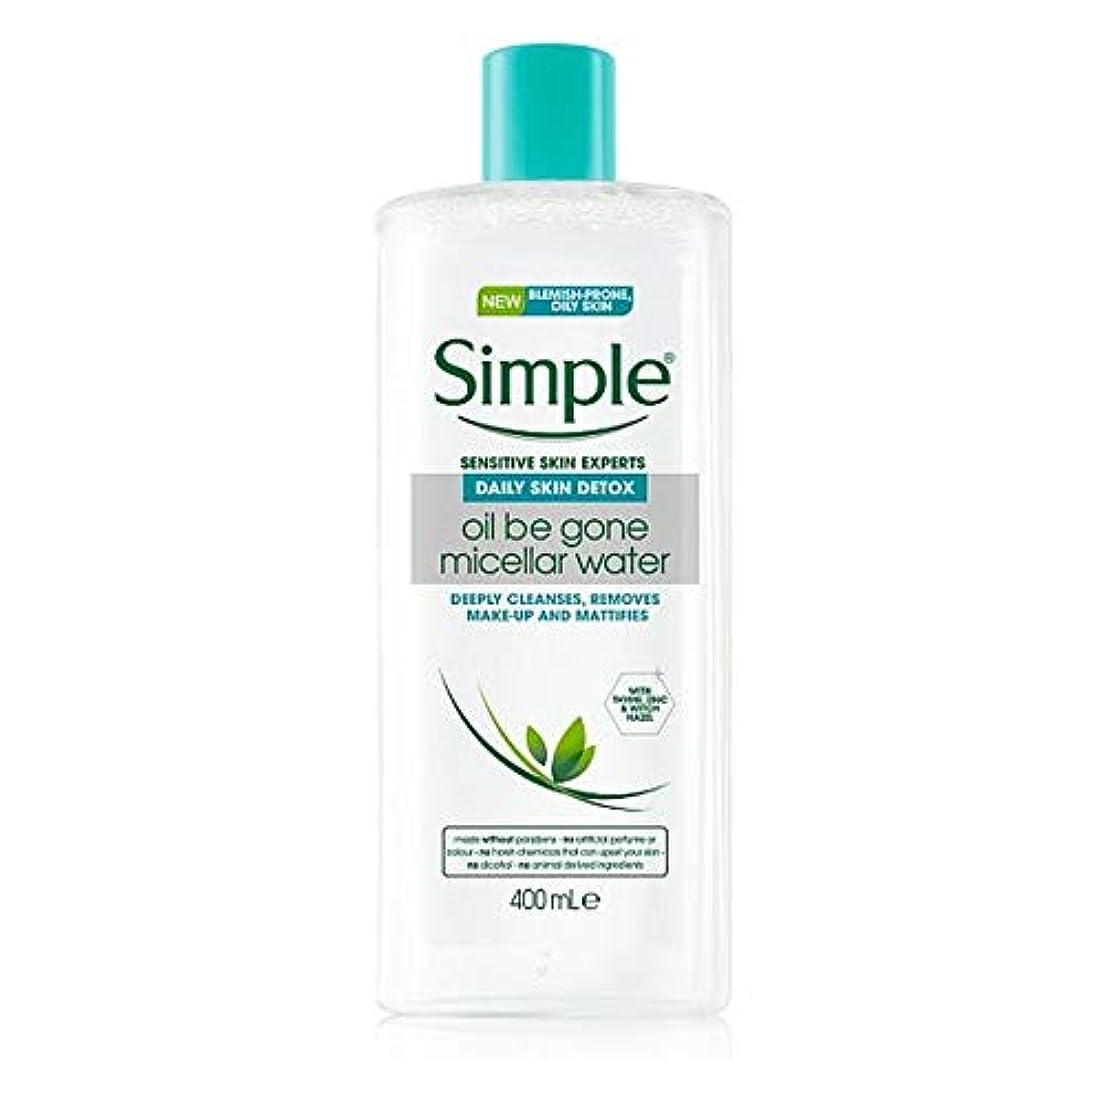 ピカリングナチュラルショップ[Simple] シンプルOilbegoneミセルの水の肌面400ミリリットル - Simple Oilbegone Micellar Water Skin Face 400 Ml [並行輸入品]